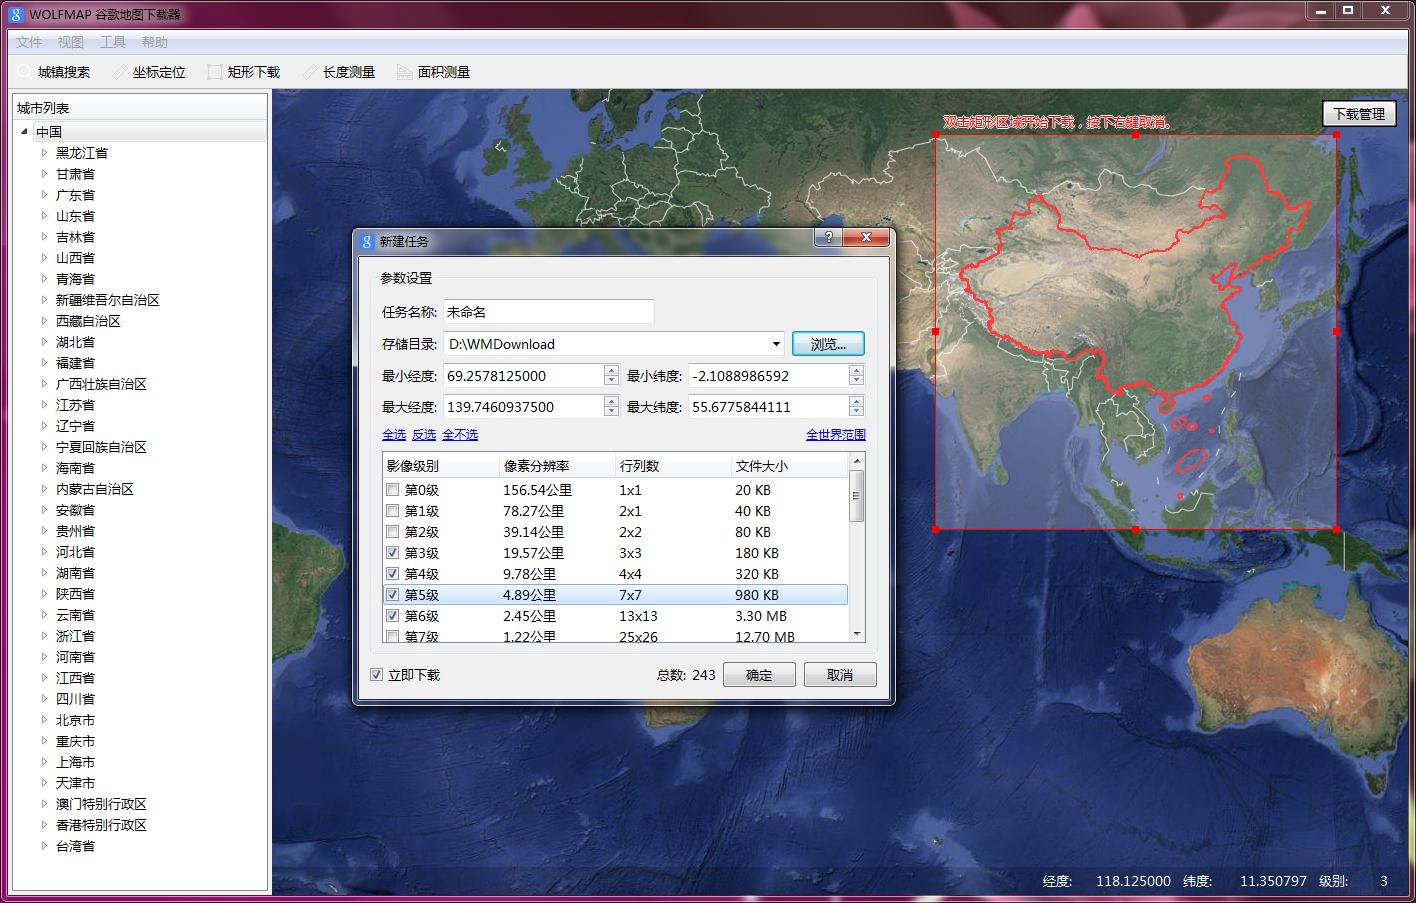 WOLFMAP谷歌地图下载器截图1